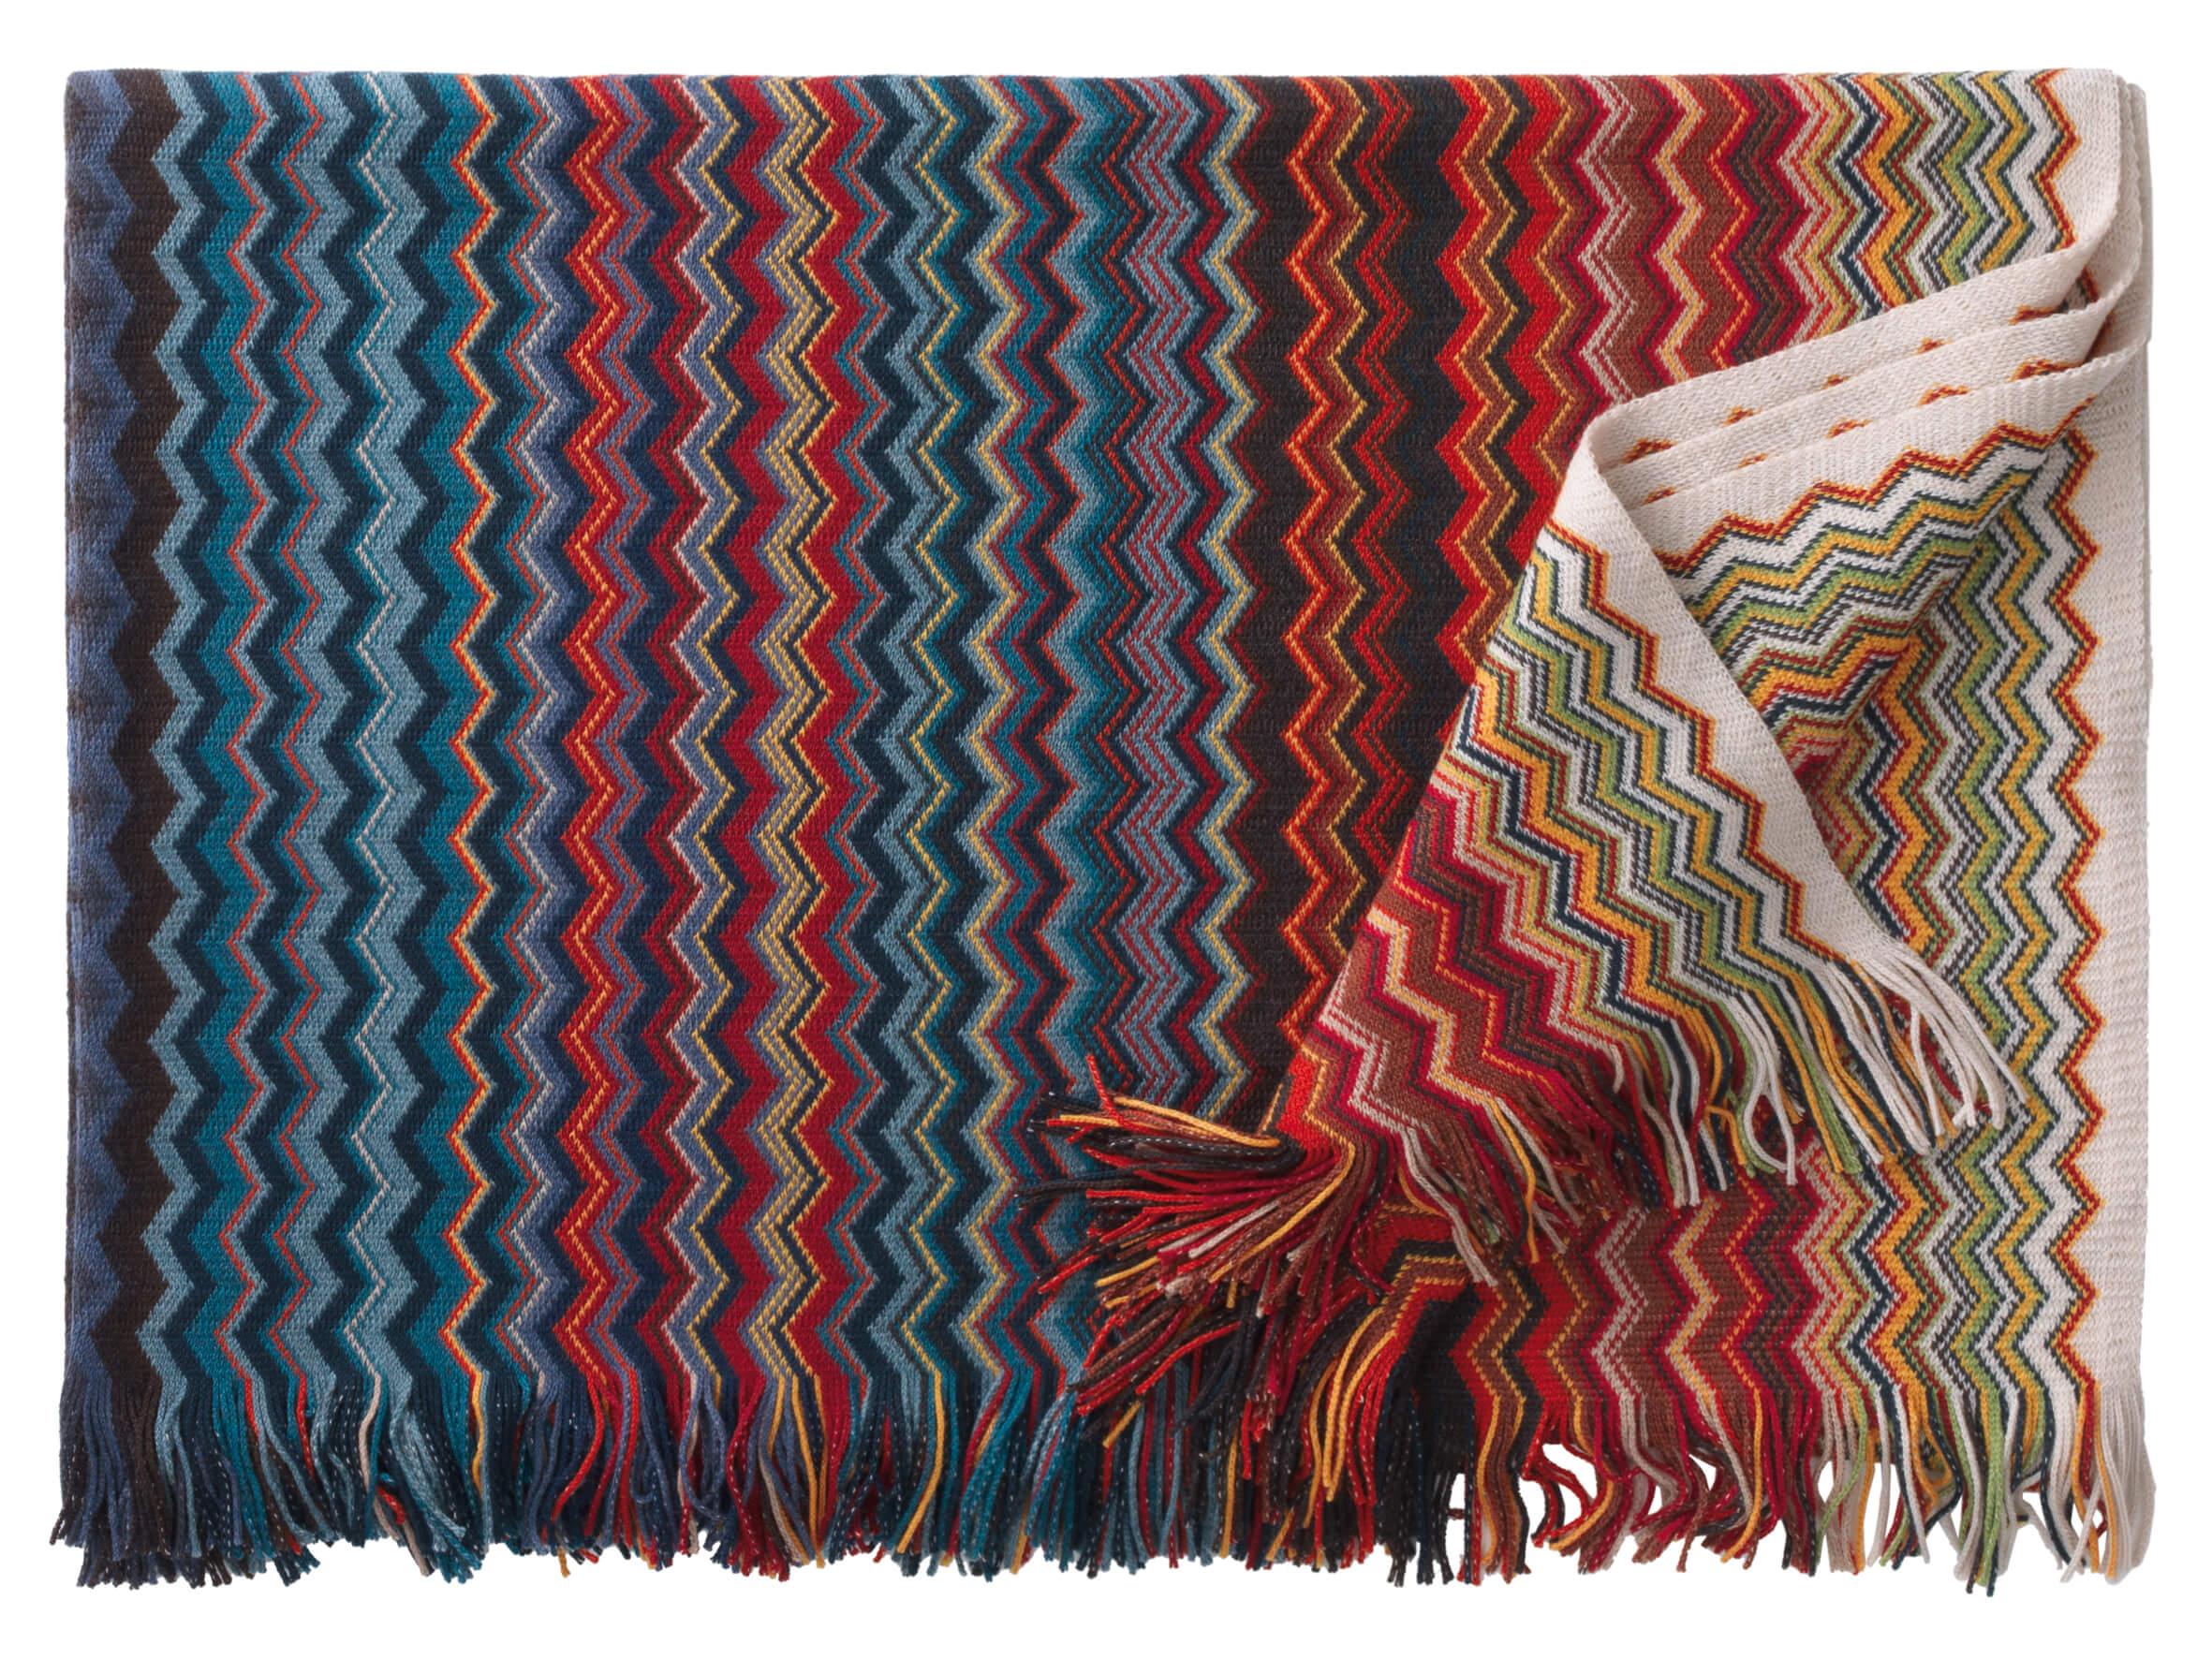 Bild von Firenze24, Variante rainbow